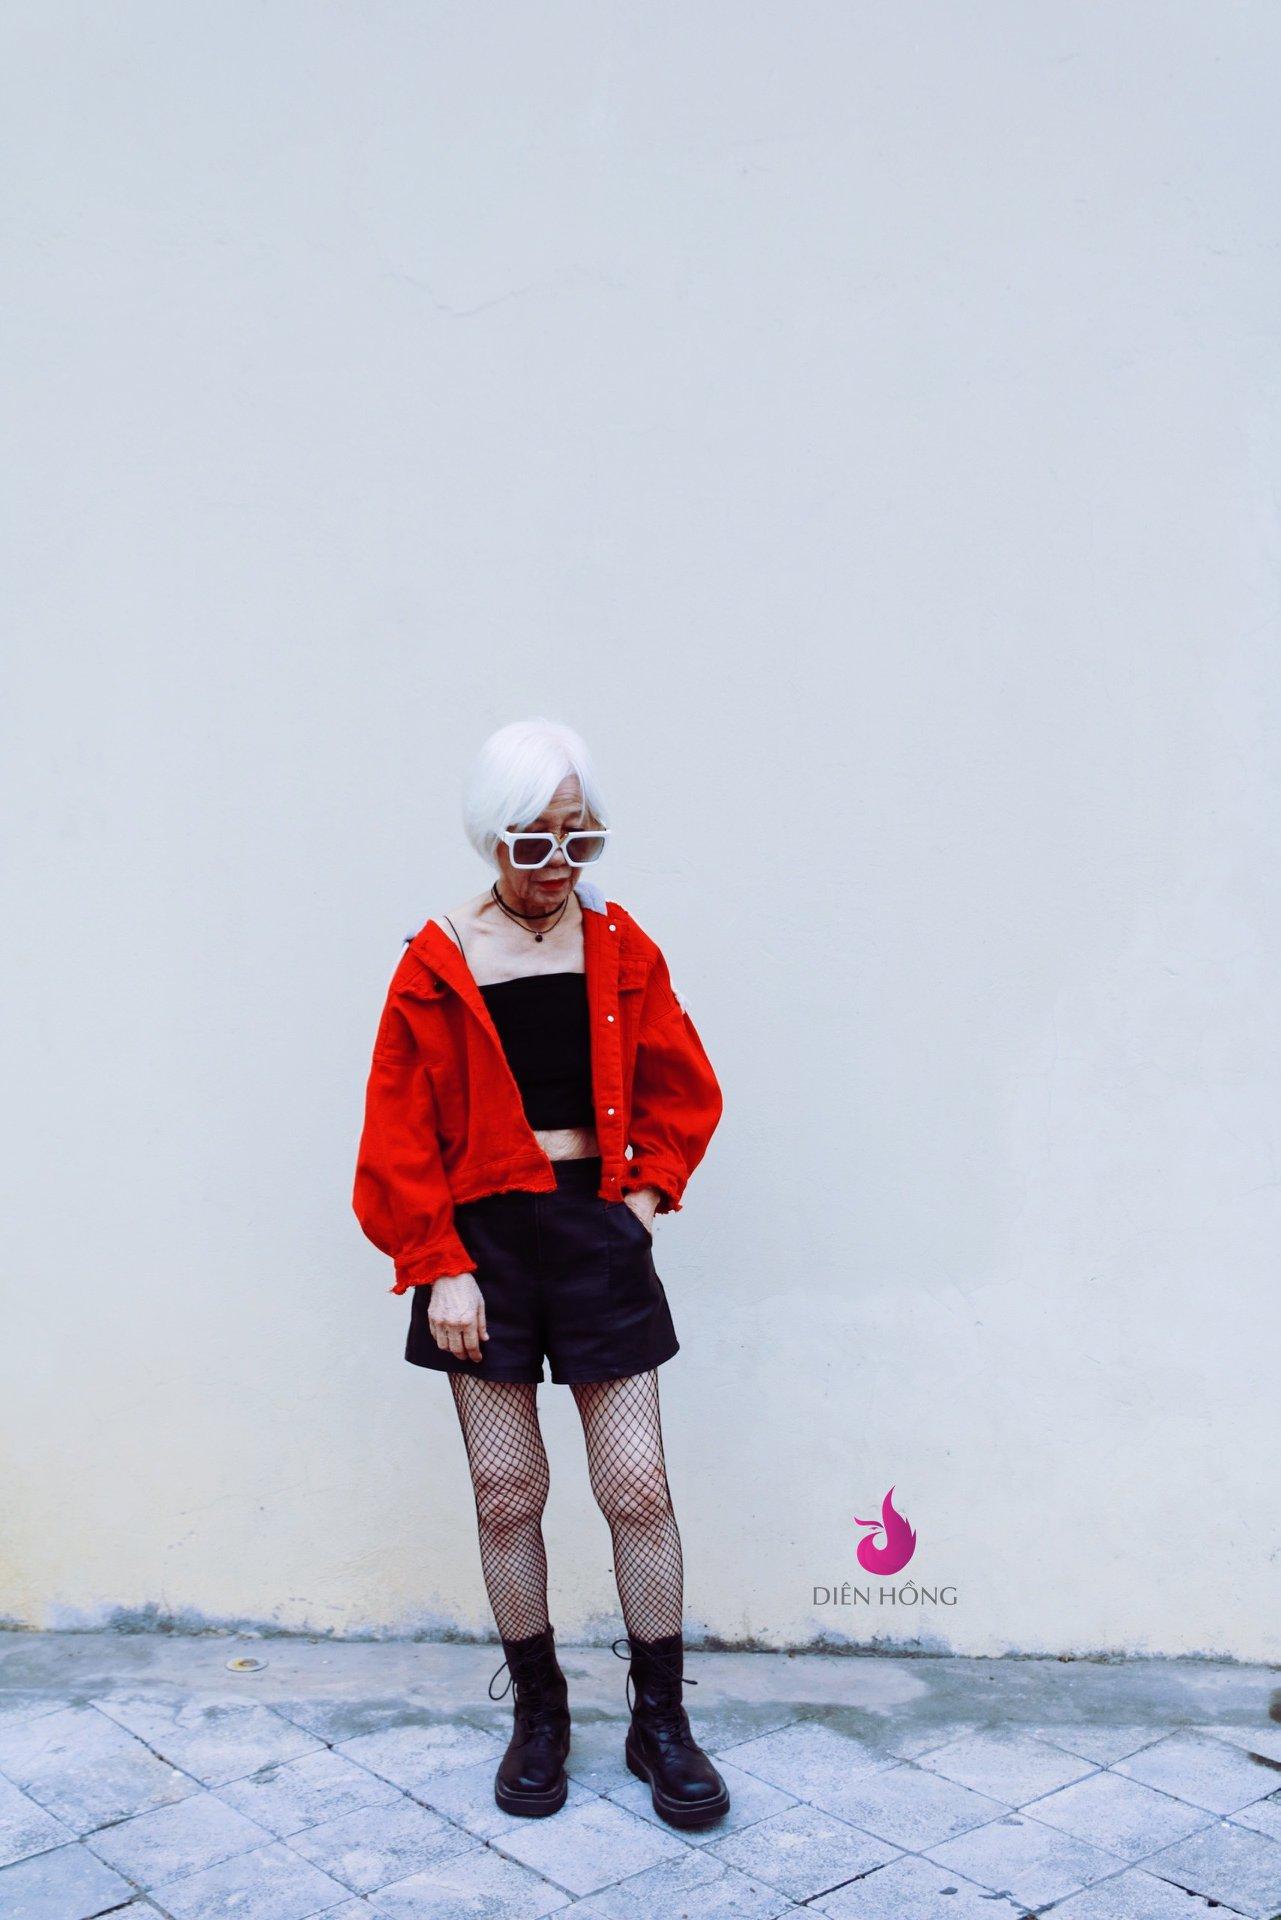 Cụ bà U90 ăn mặc cực chất khiến các cô gái trẻ còn phải 'chạy xa'.